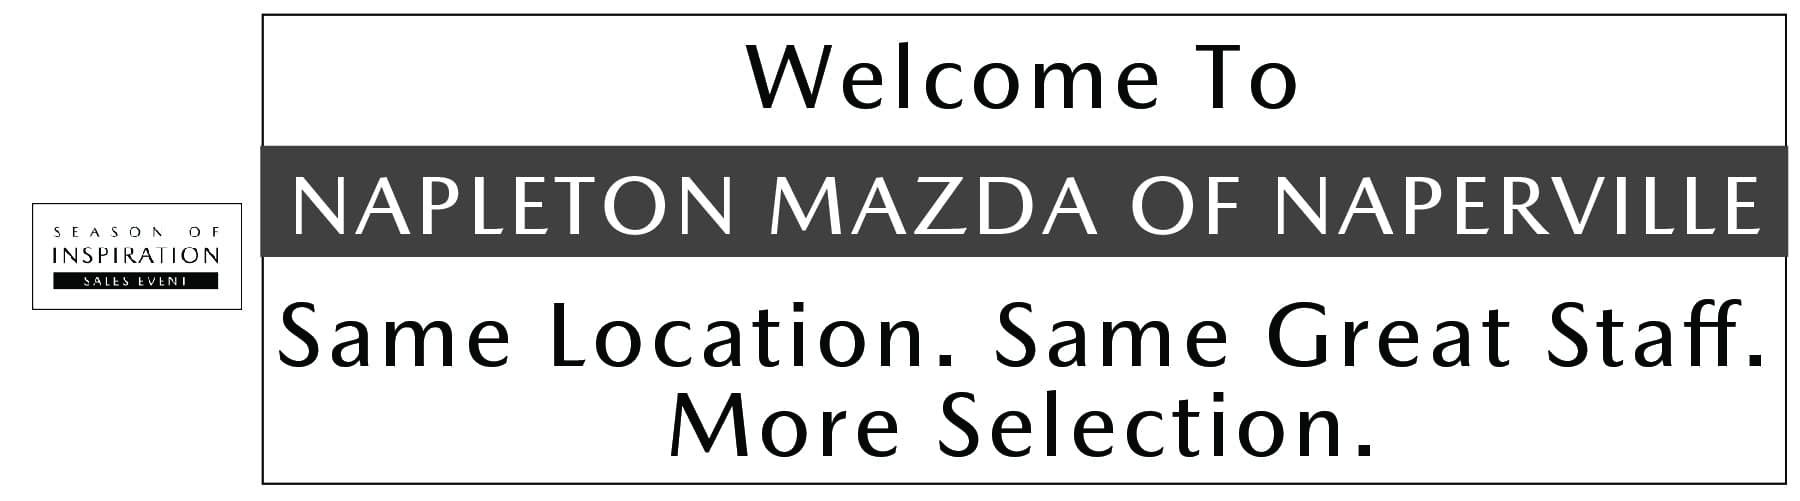 NapMaz-1800x500-1120-02